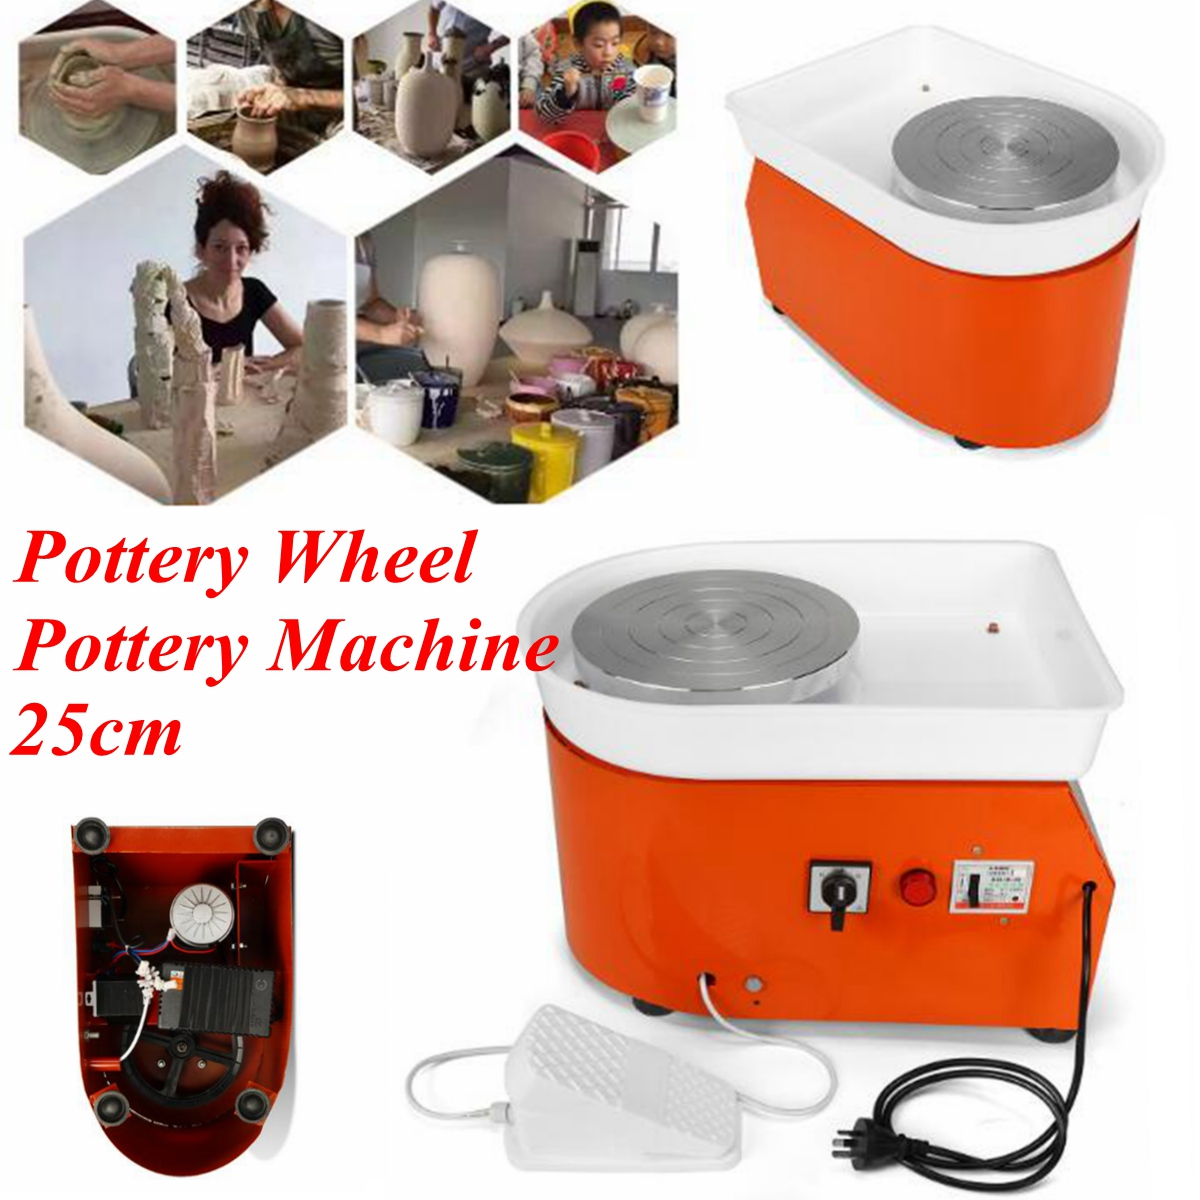 Poterie roue Machine 25 cm AC 220 V 250 W Flexible pied pédale céramique travail céramique argile Art EU/AU/US avec Mobile lisse à faible bruit